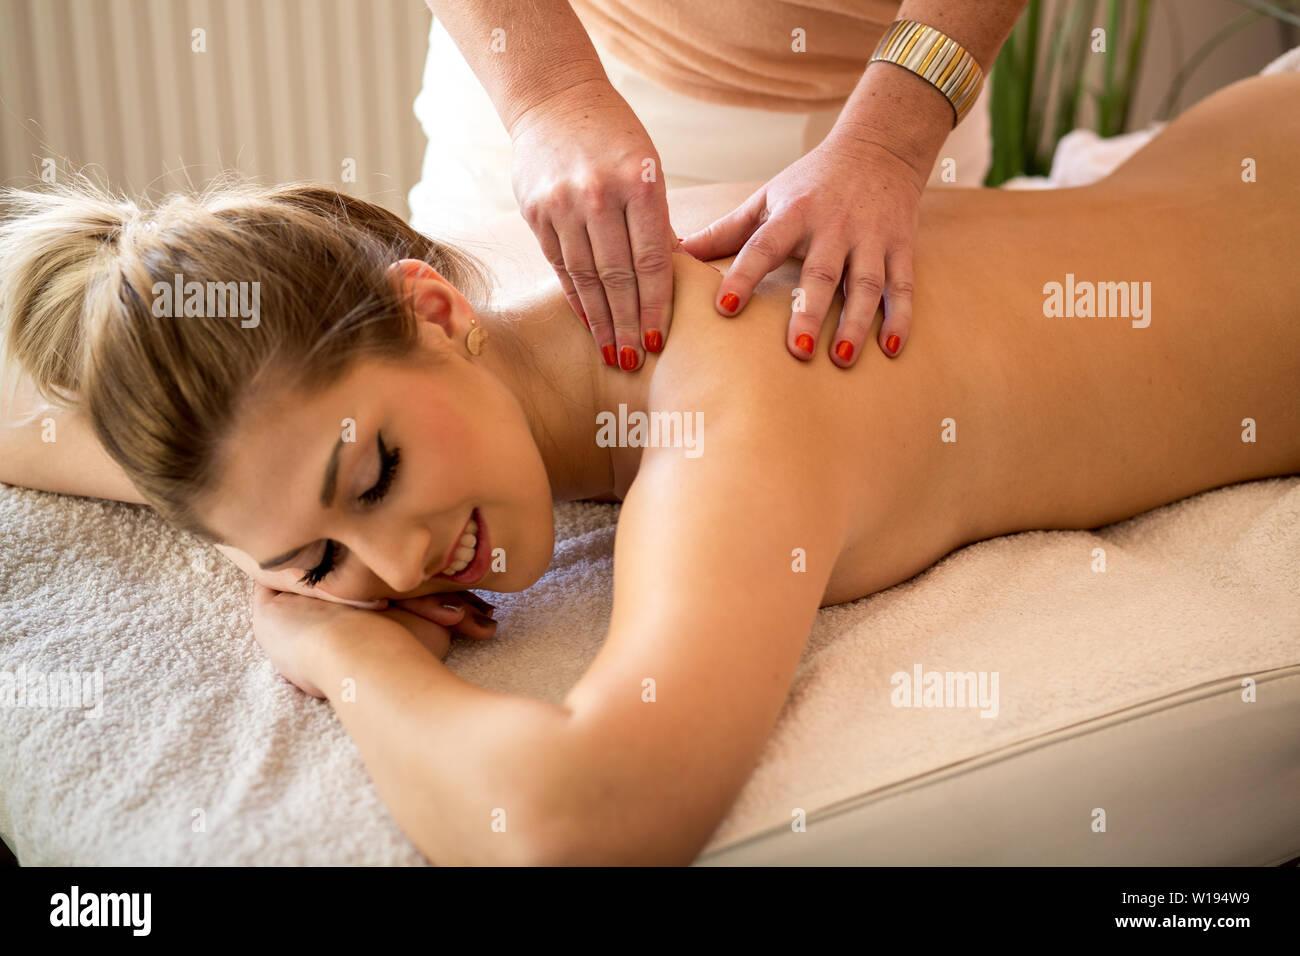 massage,masseuse,back massage Stock Photo